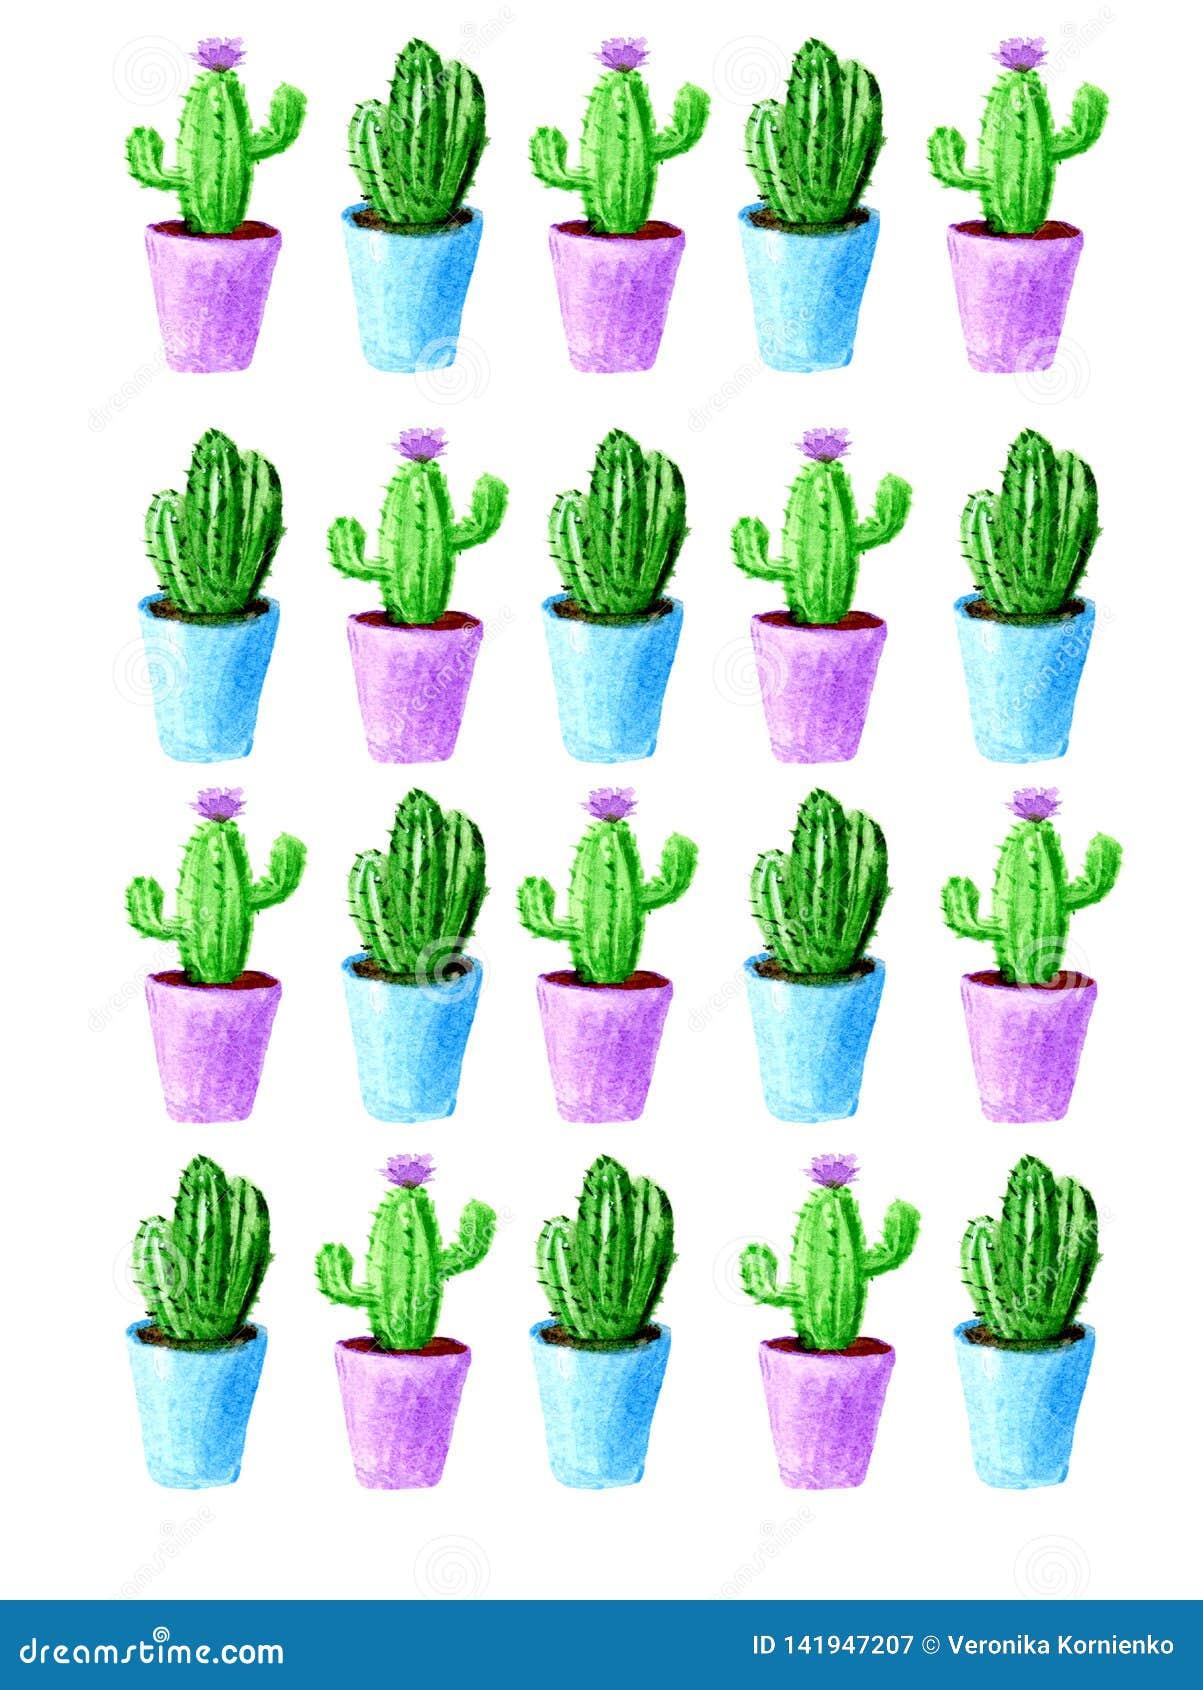 Modello del cactus dell acquerello con il vaso blu e viola su fondo bianco